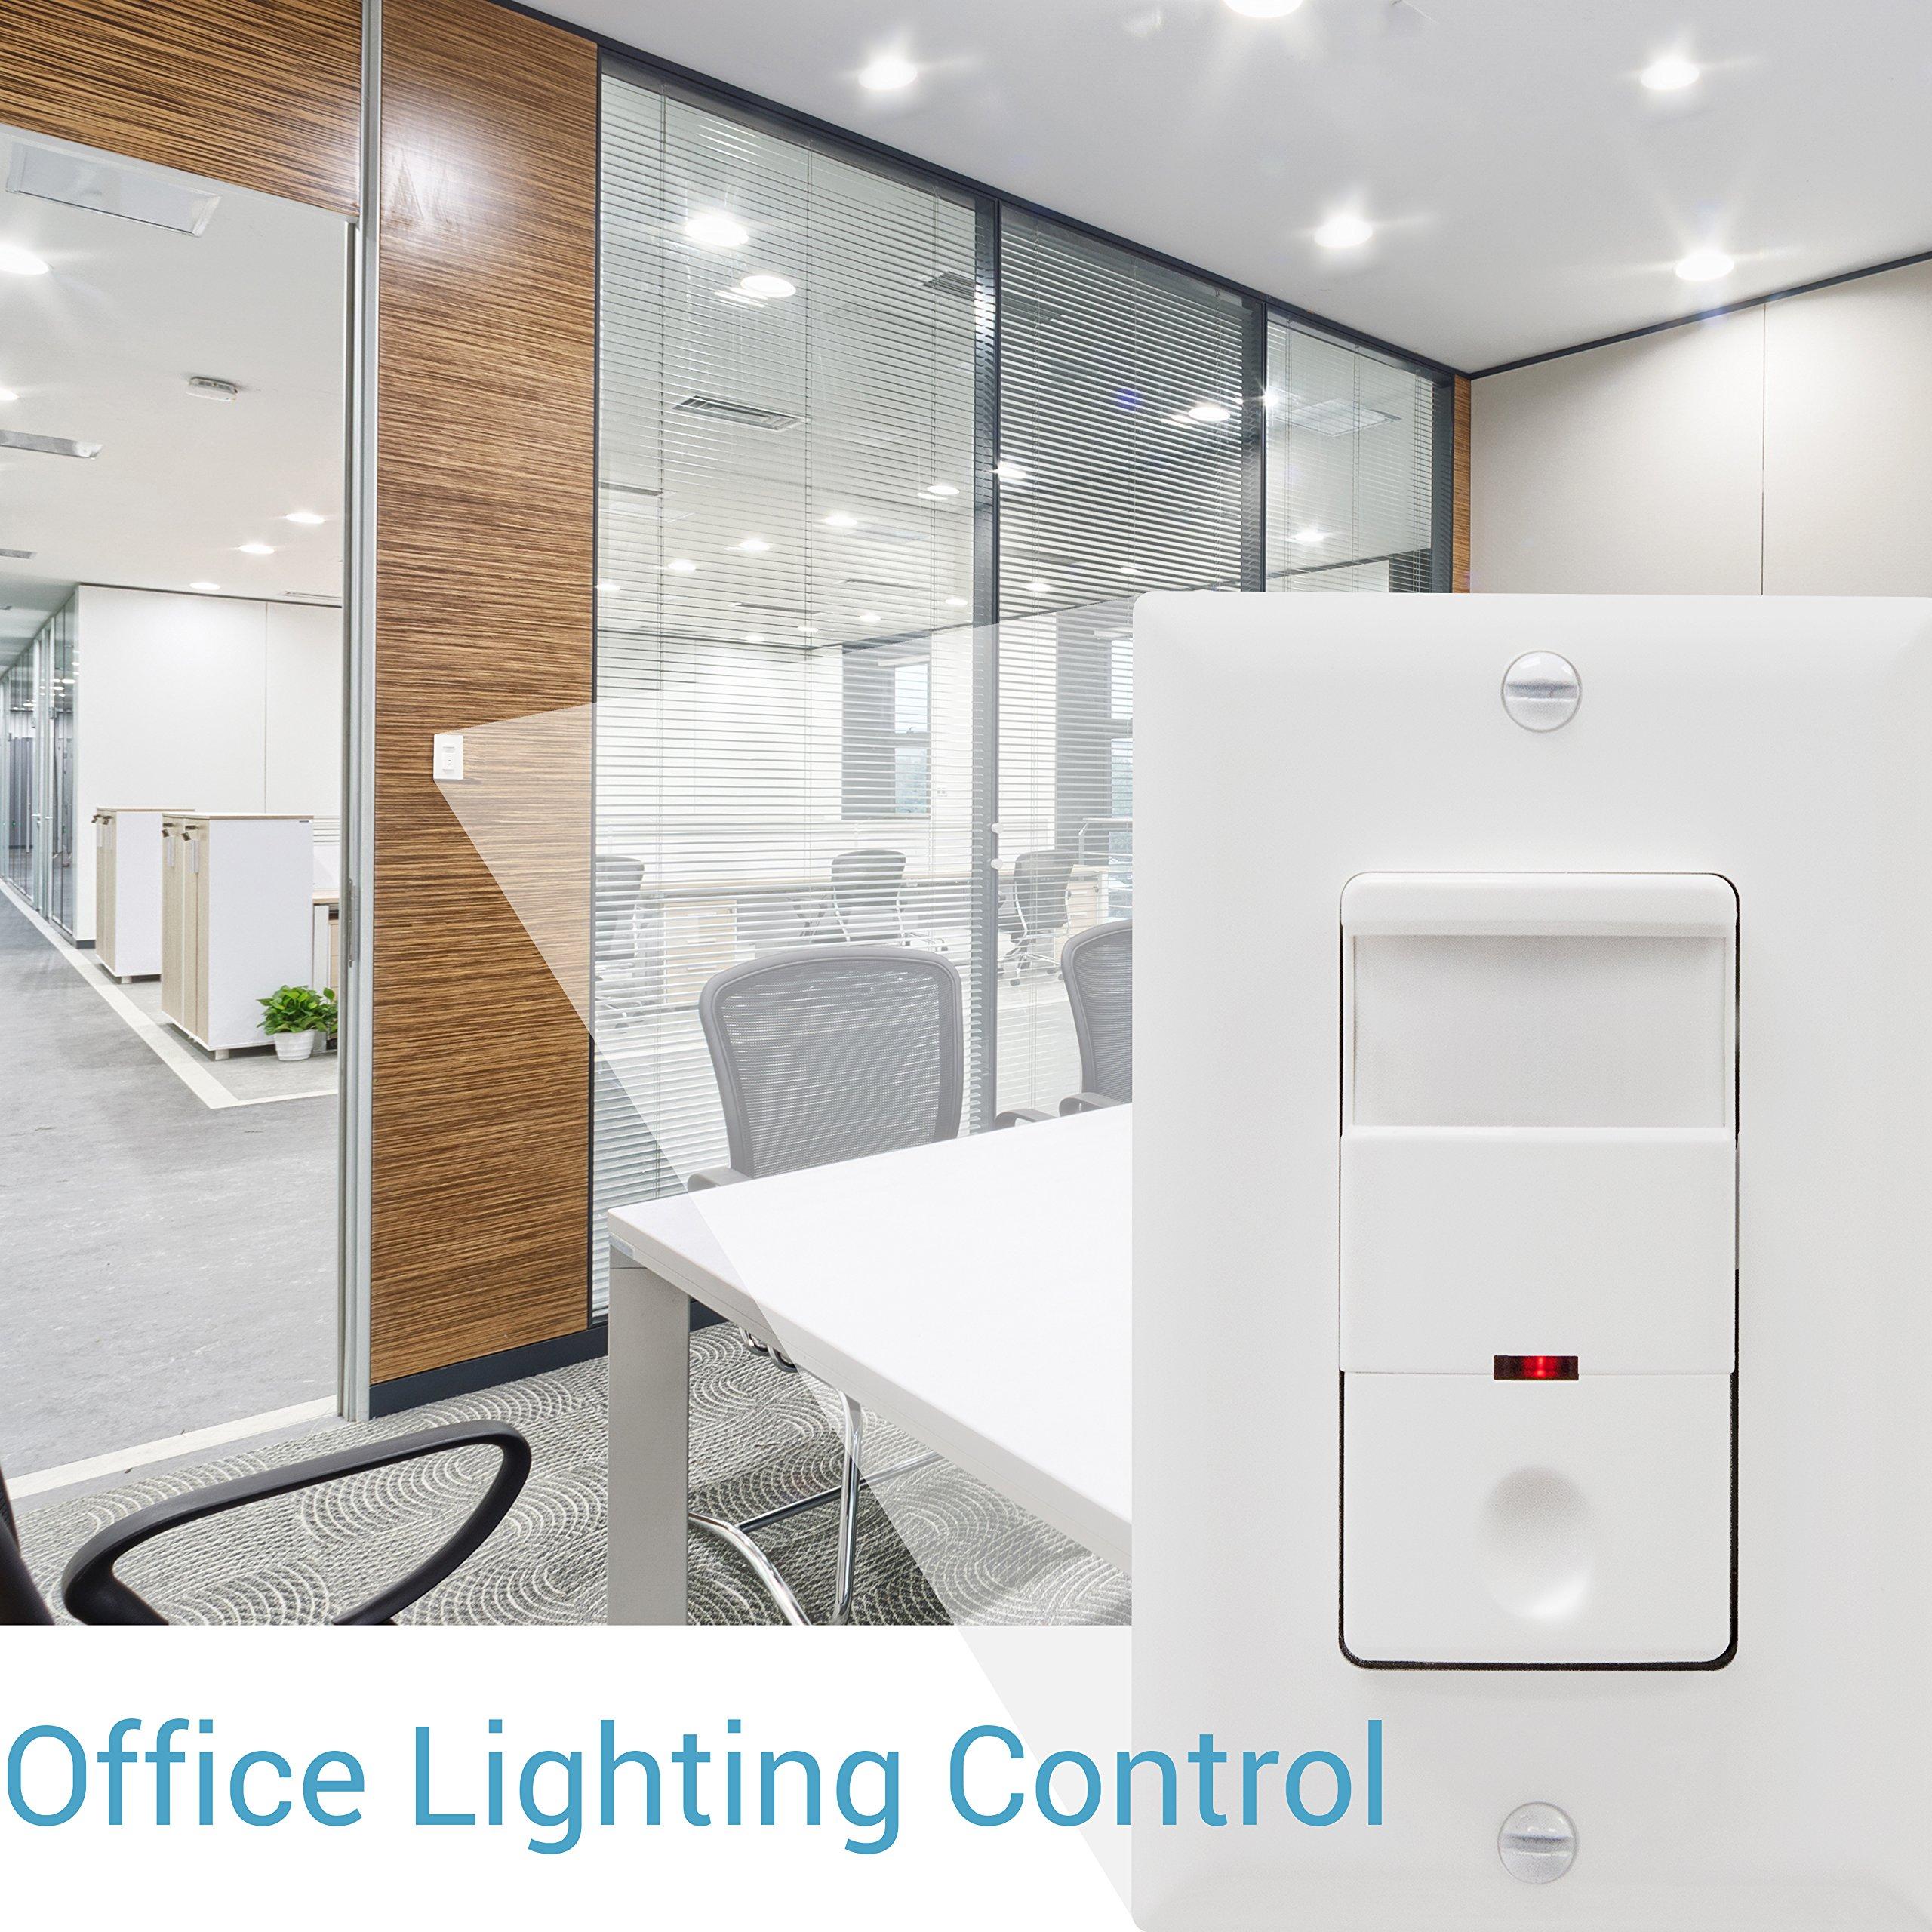 TOPGREENER TDOS5-White Motion Sensor Light Switch, PIR Sensor Switch, Occupancy Sensor Light Switch, Motion Sensor Wall Switch, 500W 1/8HP, Neutral Wire Required, Single Pole, White by TOPGREENER (Image #6)